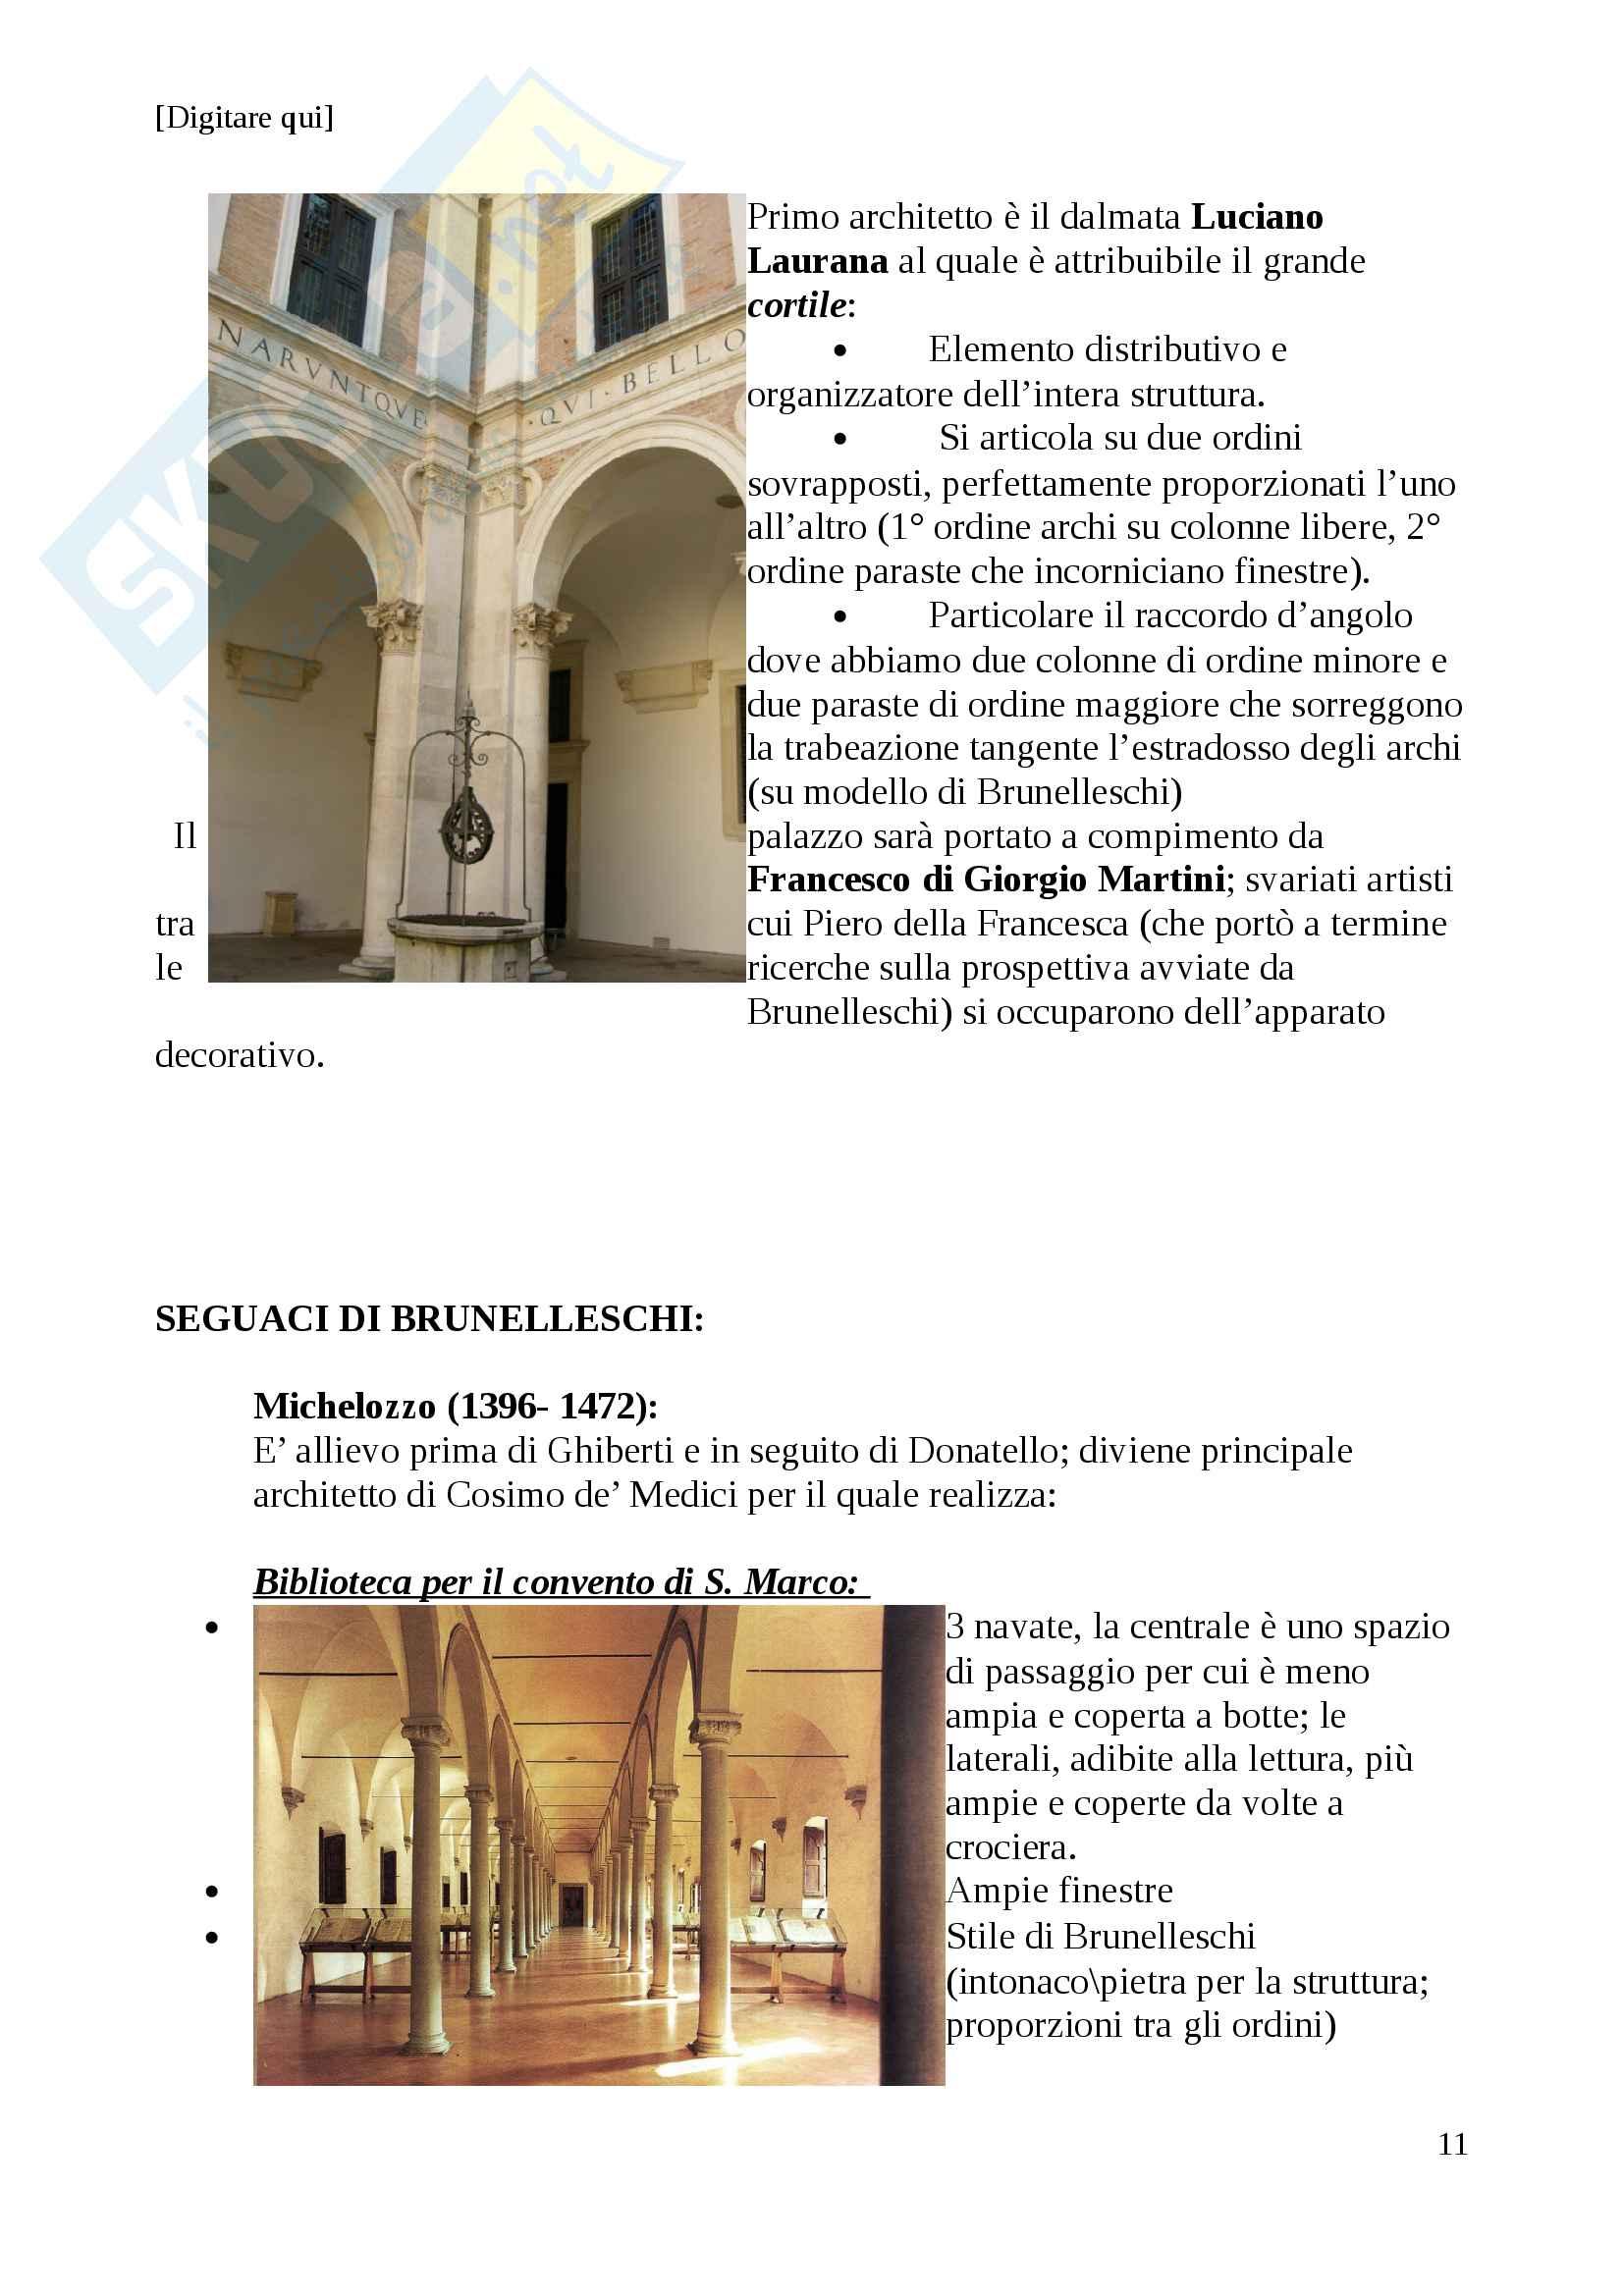 Storia dell'architettura dal 400 al 700 Pag. 11